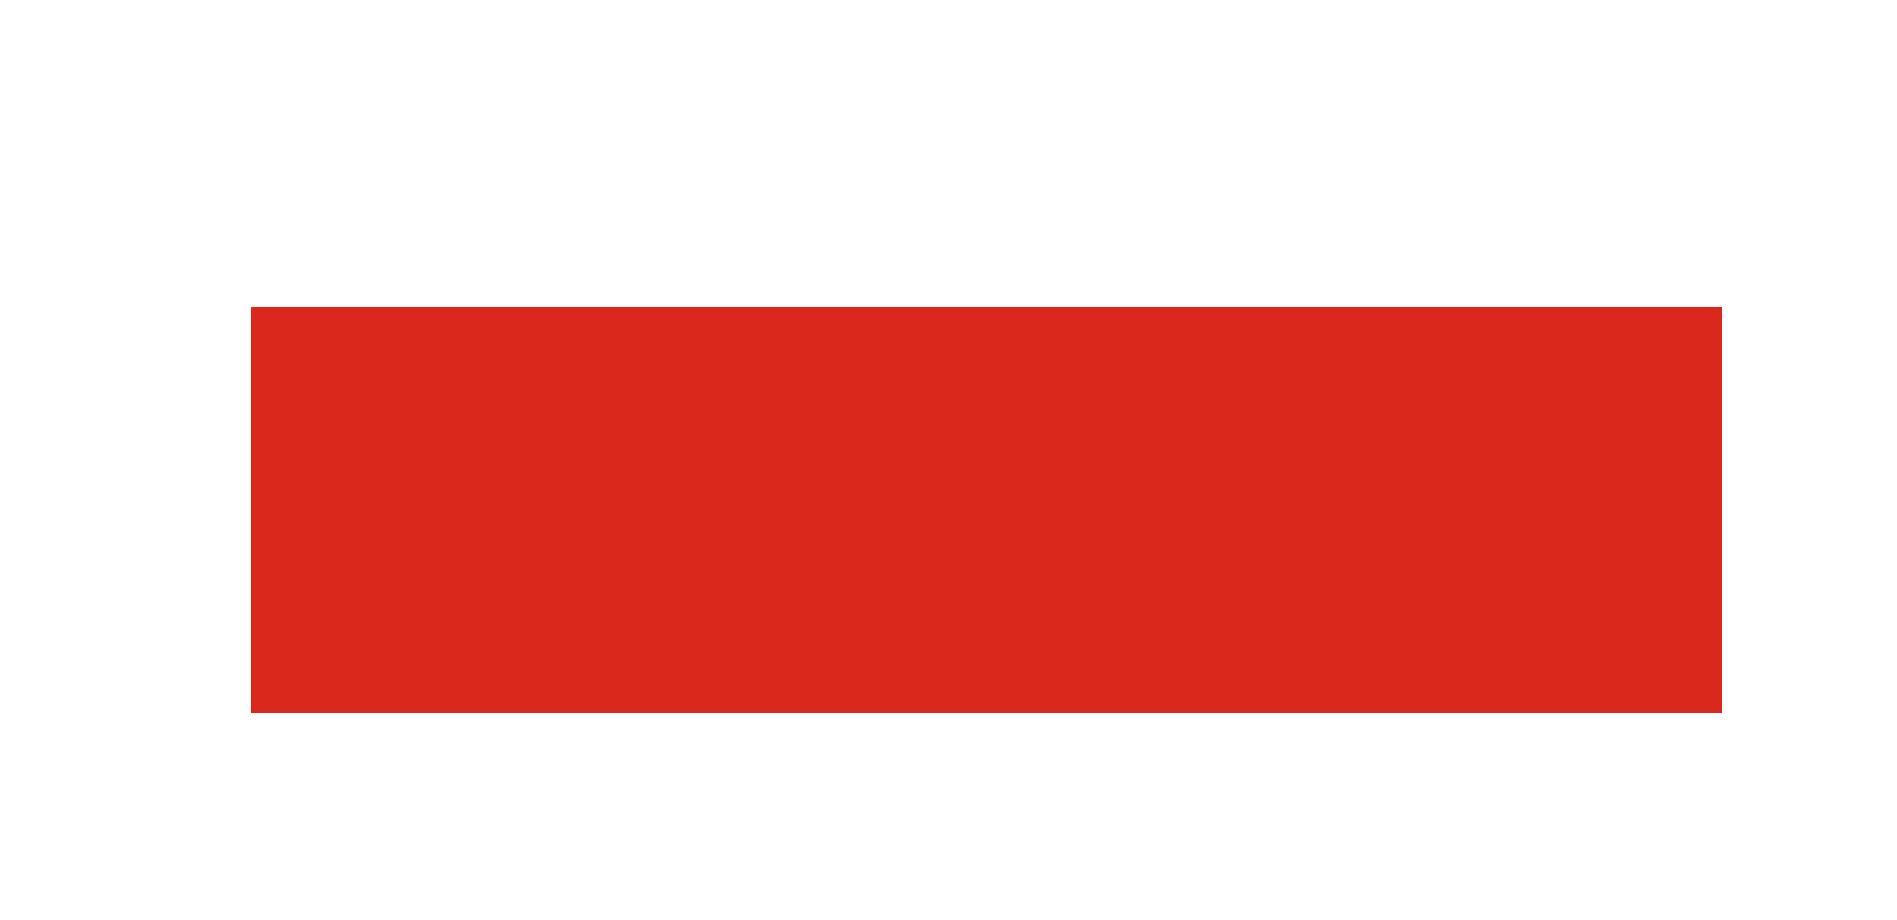 https://www.lightspeedhq.com/wp-content/uploads/2017/05/Cayan_Logo.png